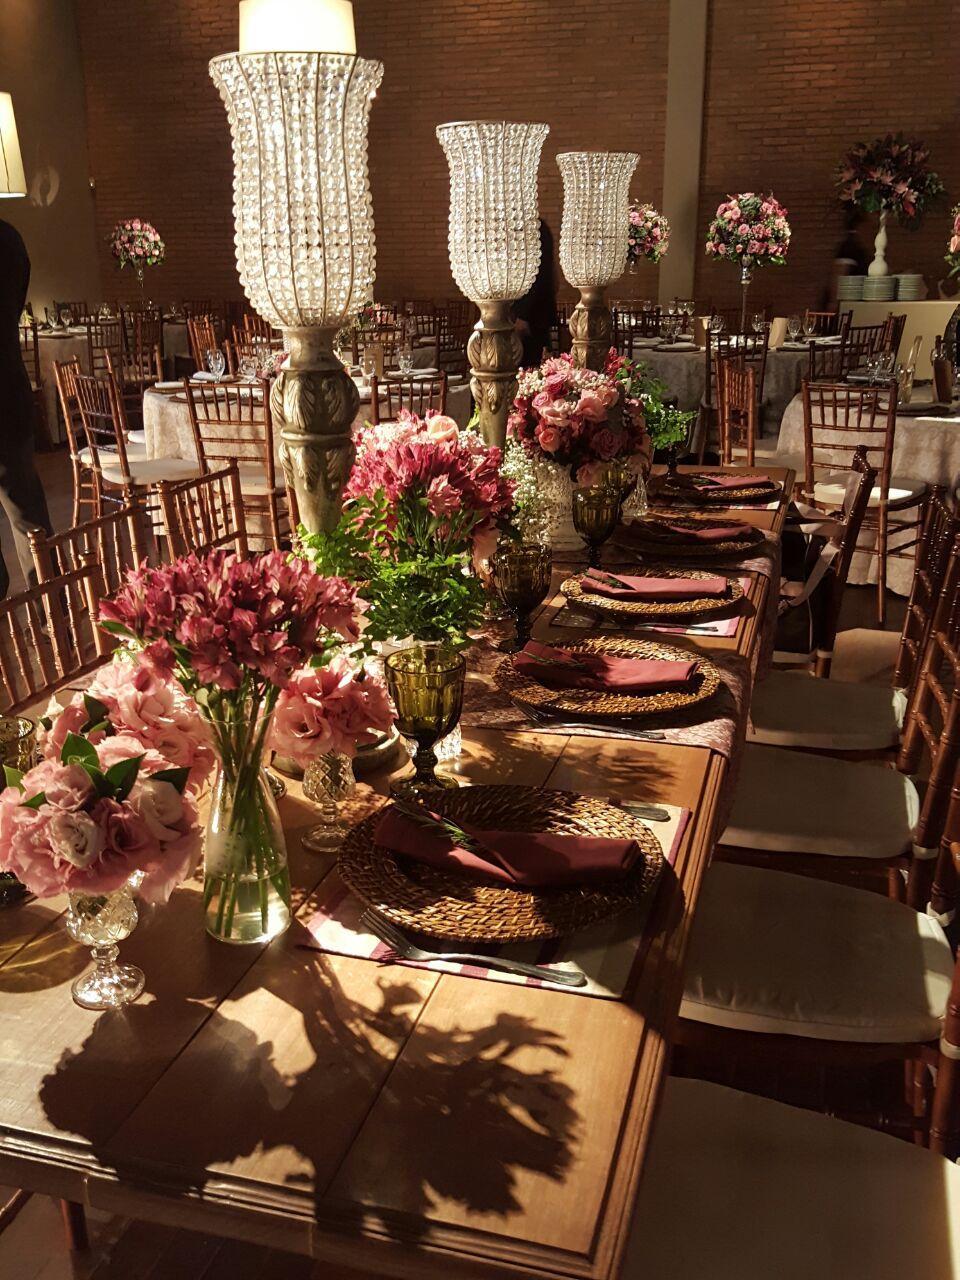 tutti-flora-mesa-convidados-marsala-noiva-decoracao-flores-casamento-convencao-boho-eventos-producao-buque-noiva-debutante-3